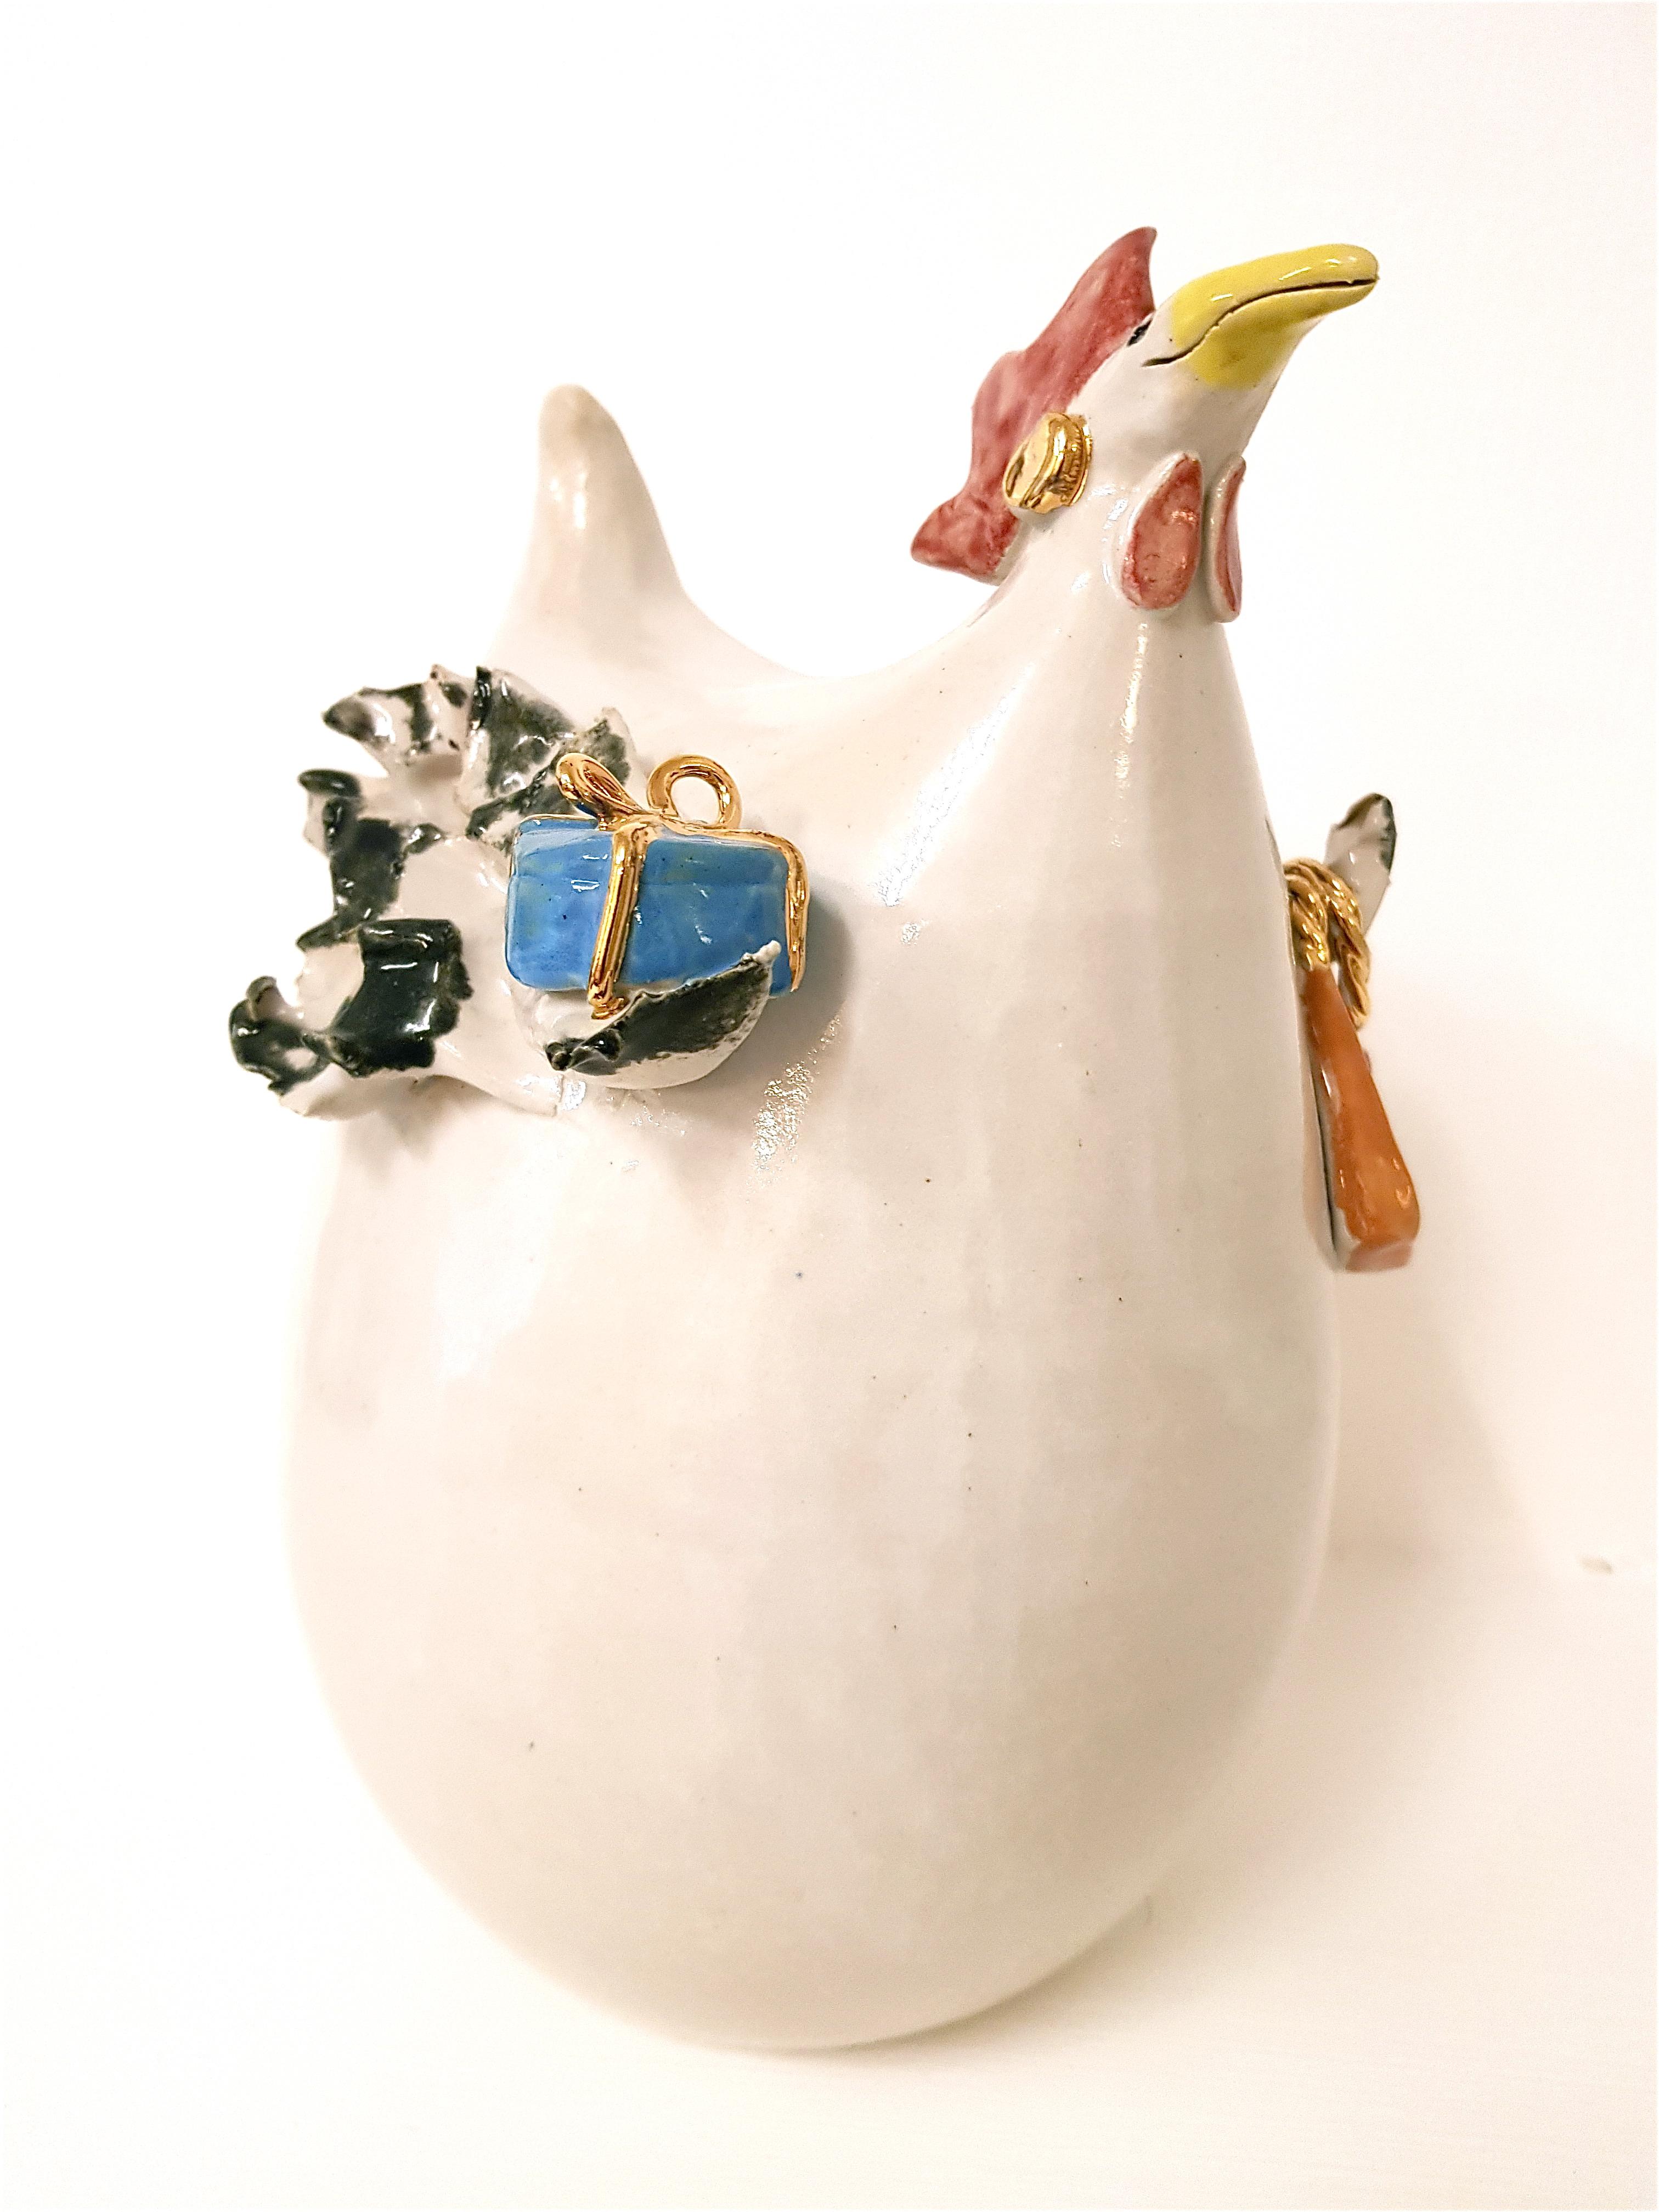 CARTIER NO. 1 Keramikhuhn, Unikat, Keramik, Crazy Chick, Töpferei, la ceramica, Basel